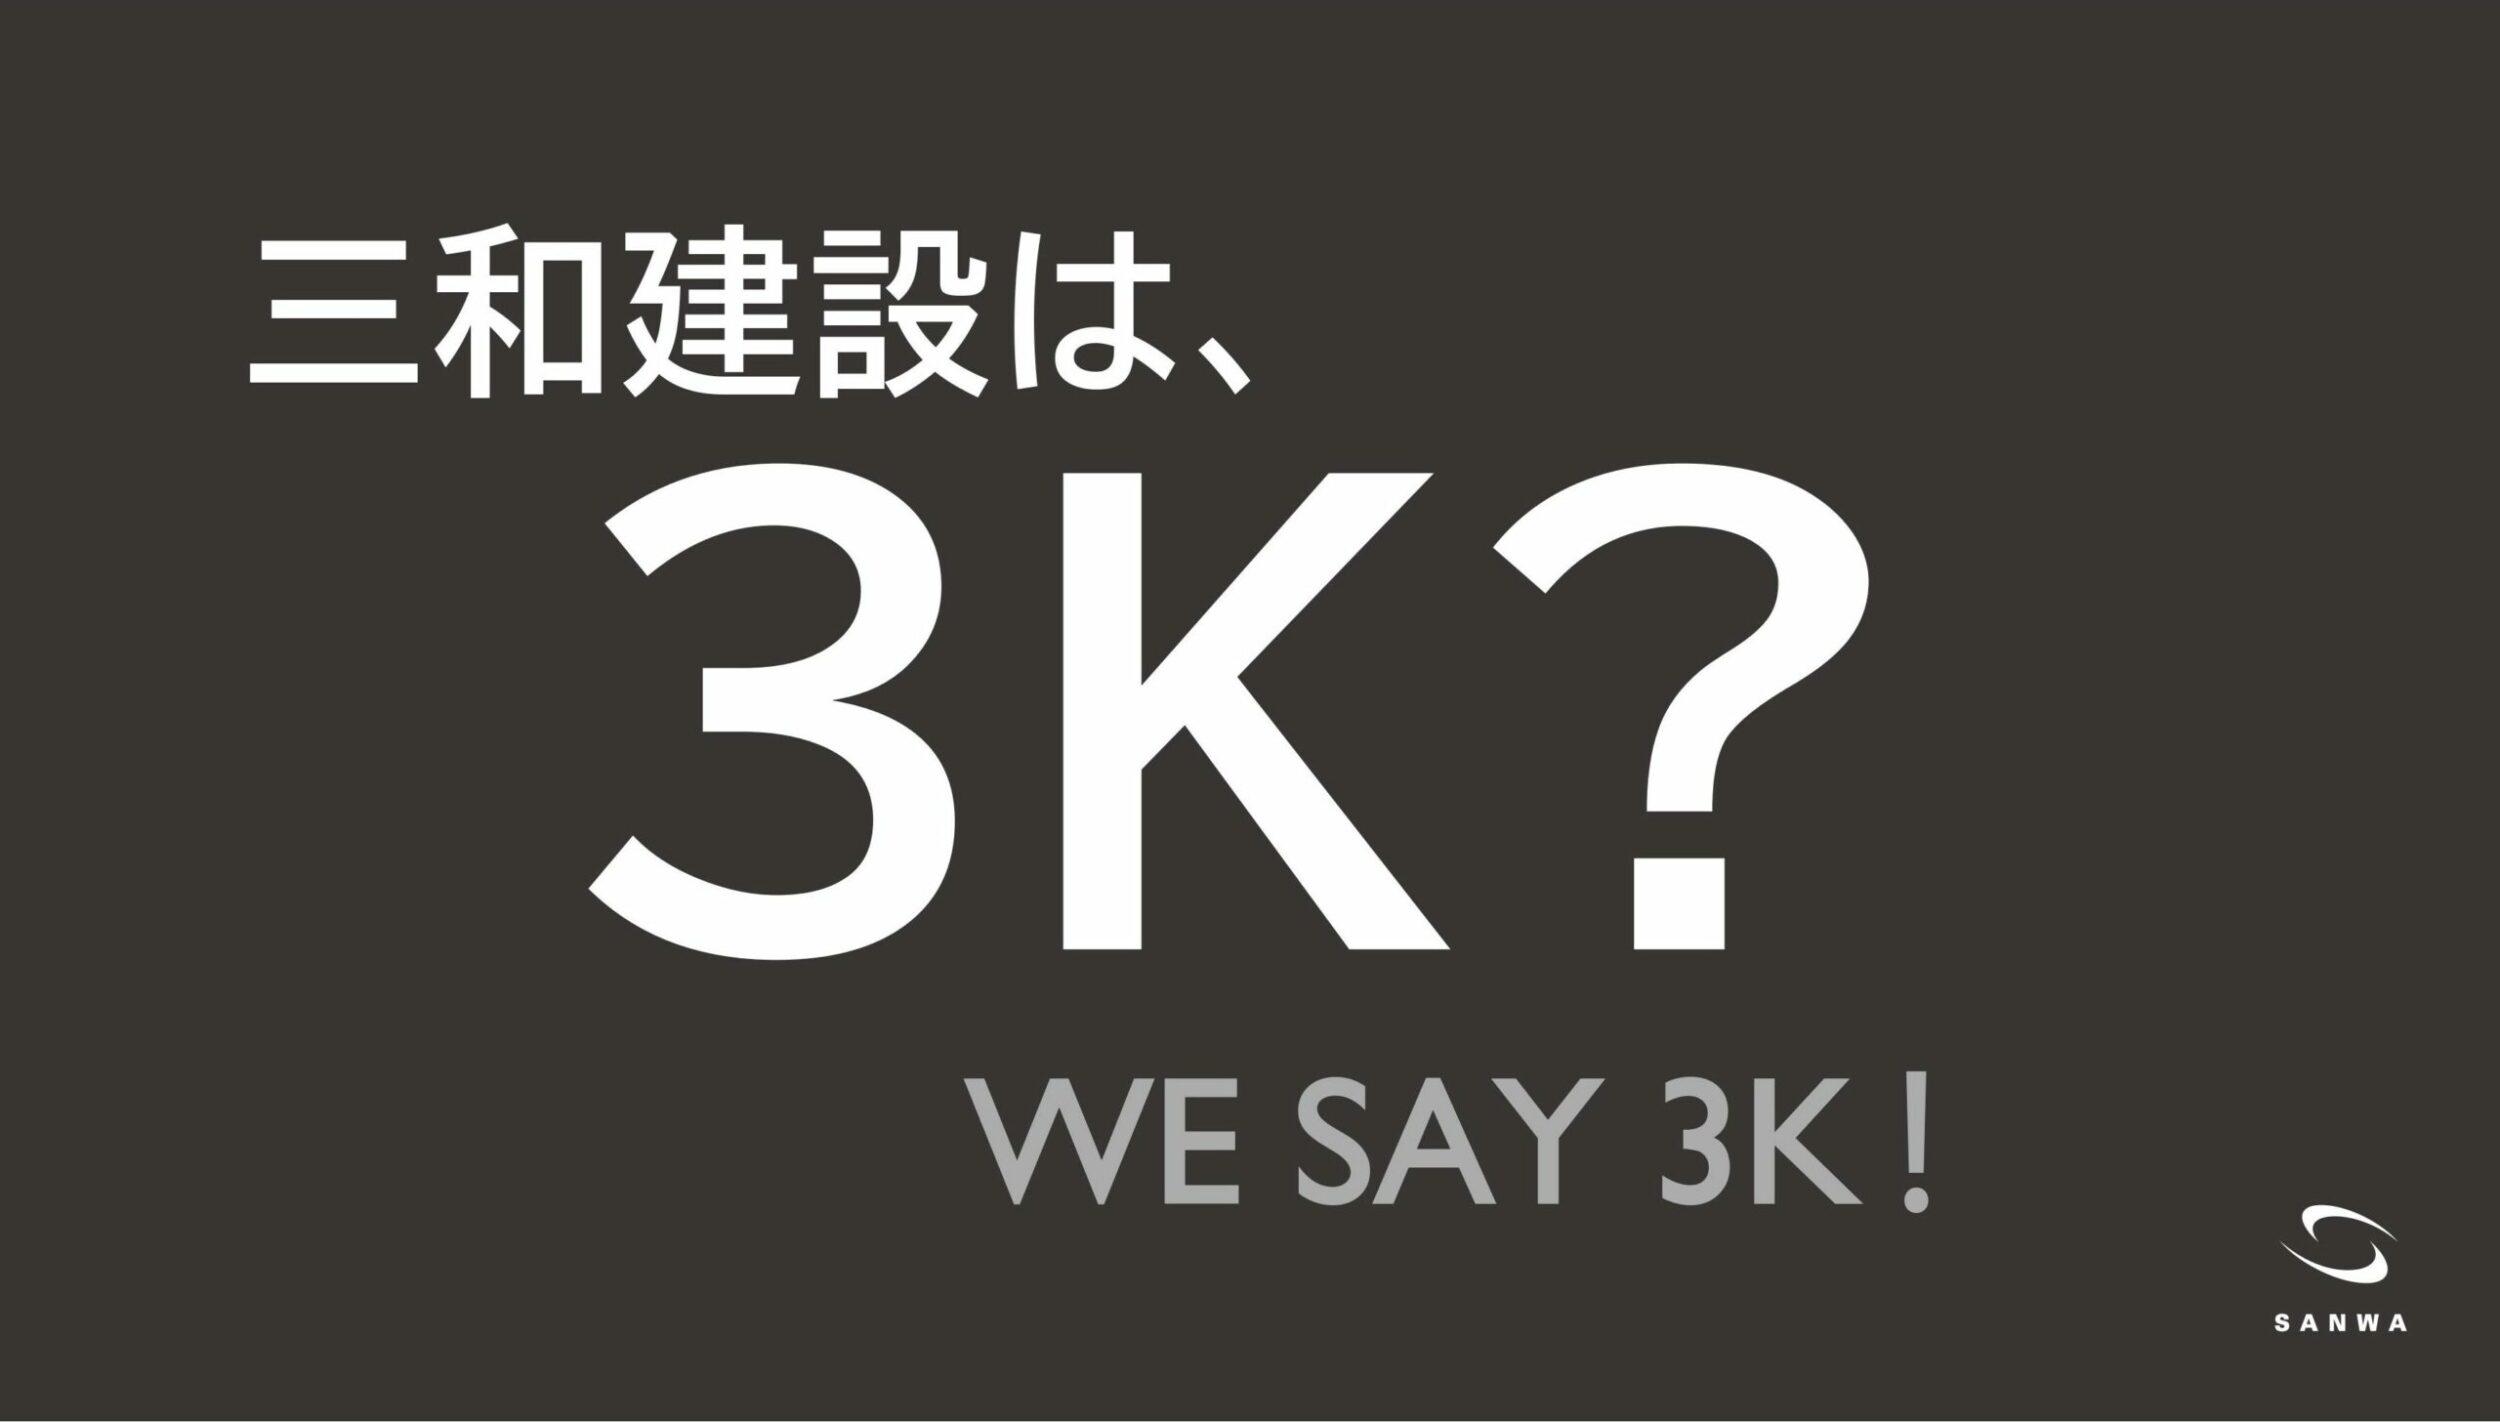 We Say 3K!